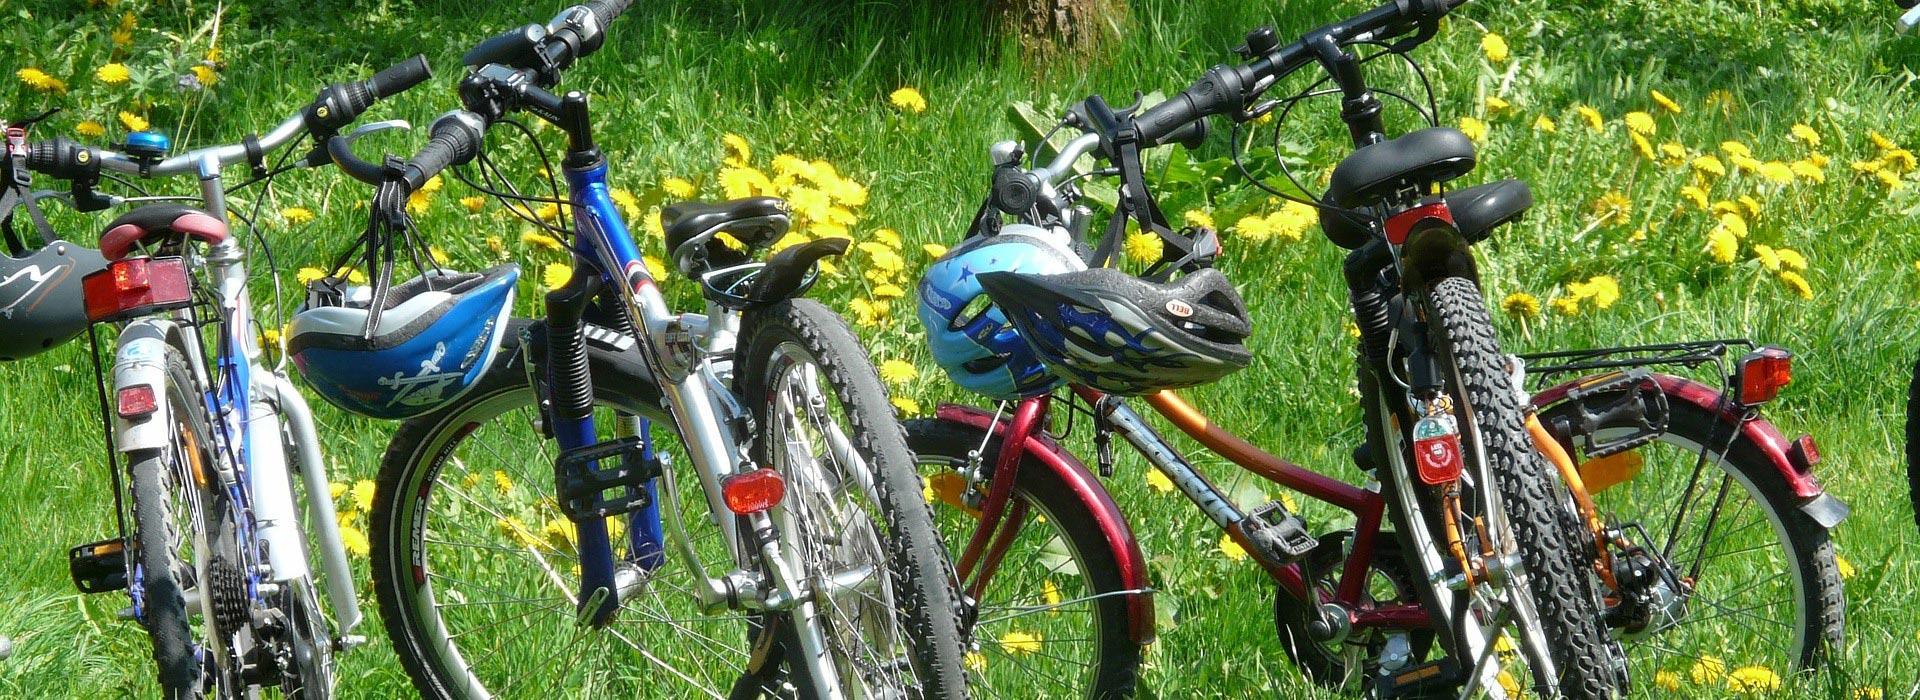 Location de Vélos Tarascon Sur Ariège - Point Glisse